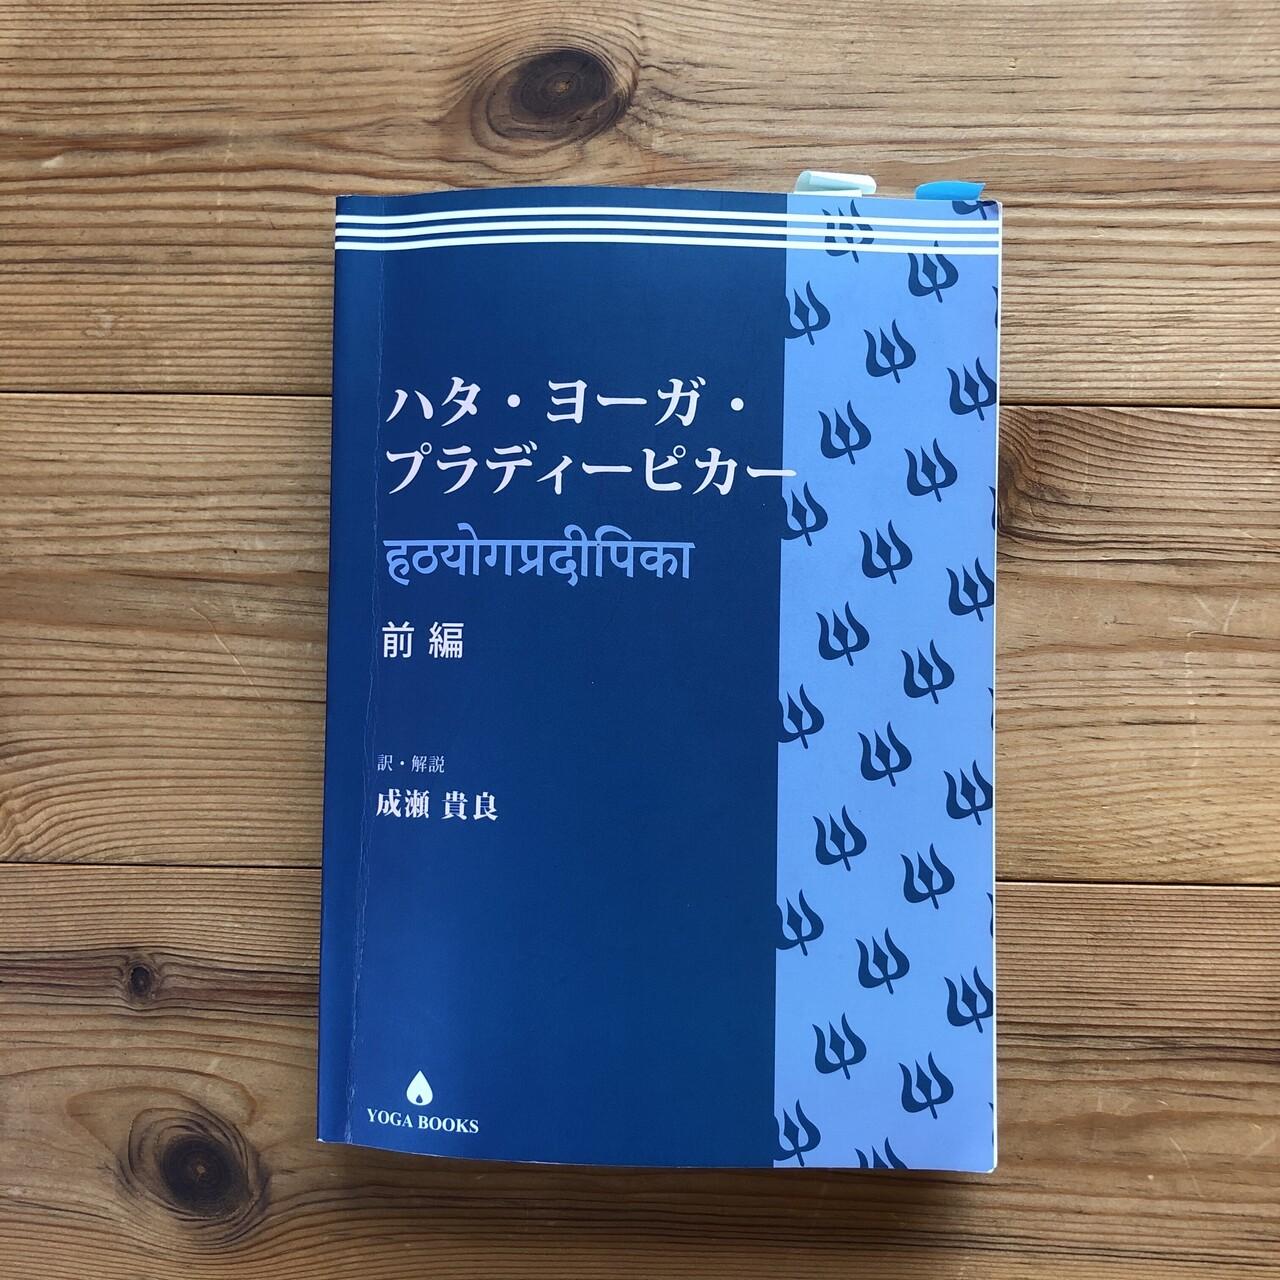 【伊豆・姫之湯クラス】【オンライン可能】坐学/『ハタ・ヨーガ・プラディーピカー』第1章アーサナ